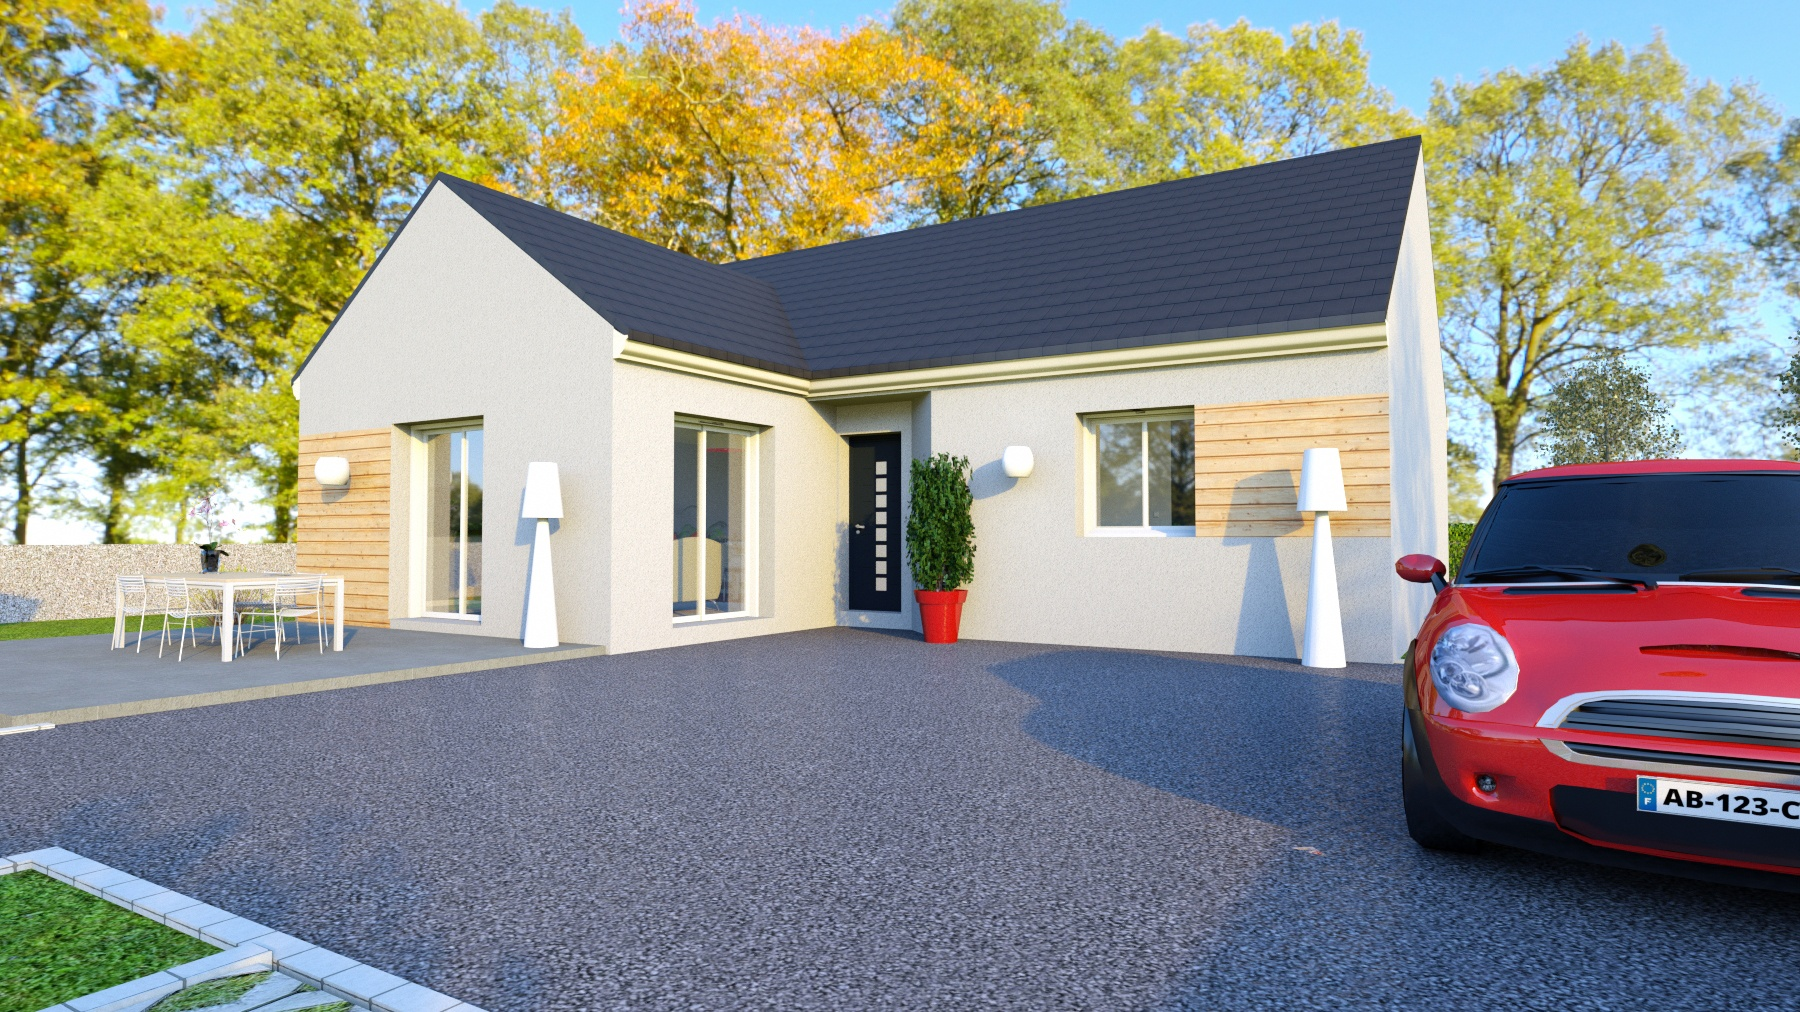 Photo maison Terrain de 914 m² + maison